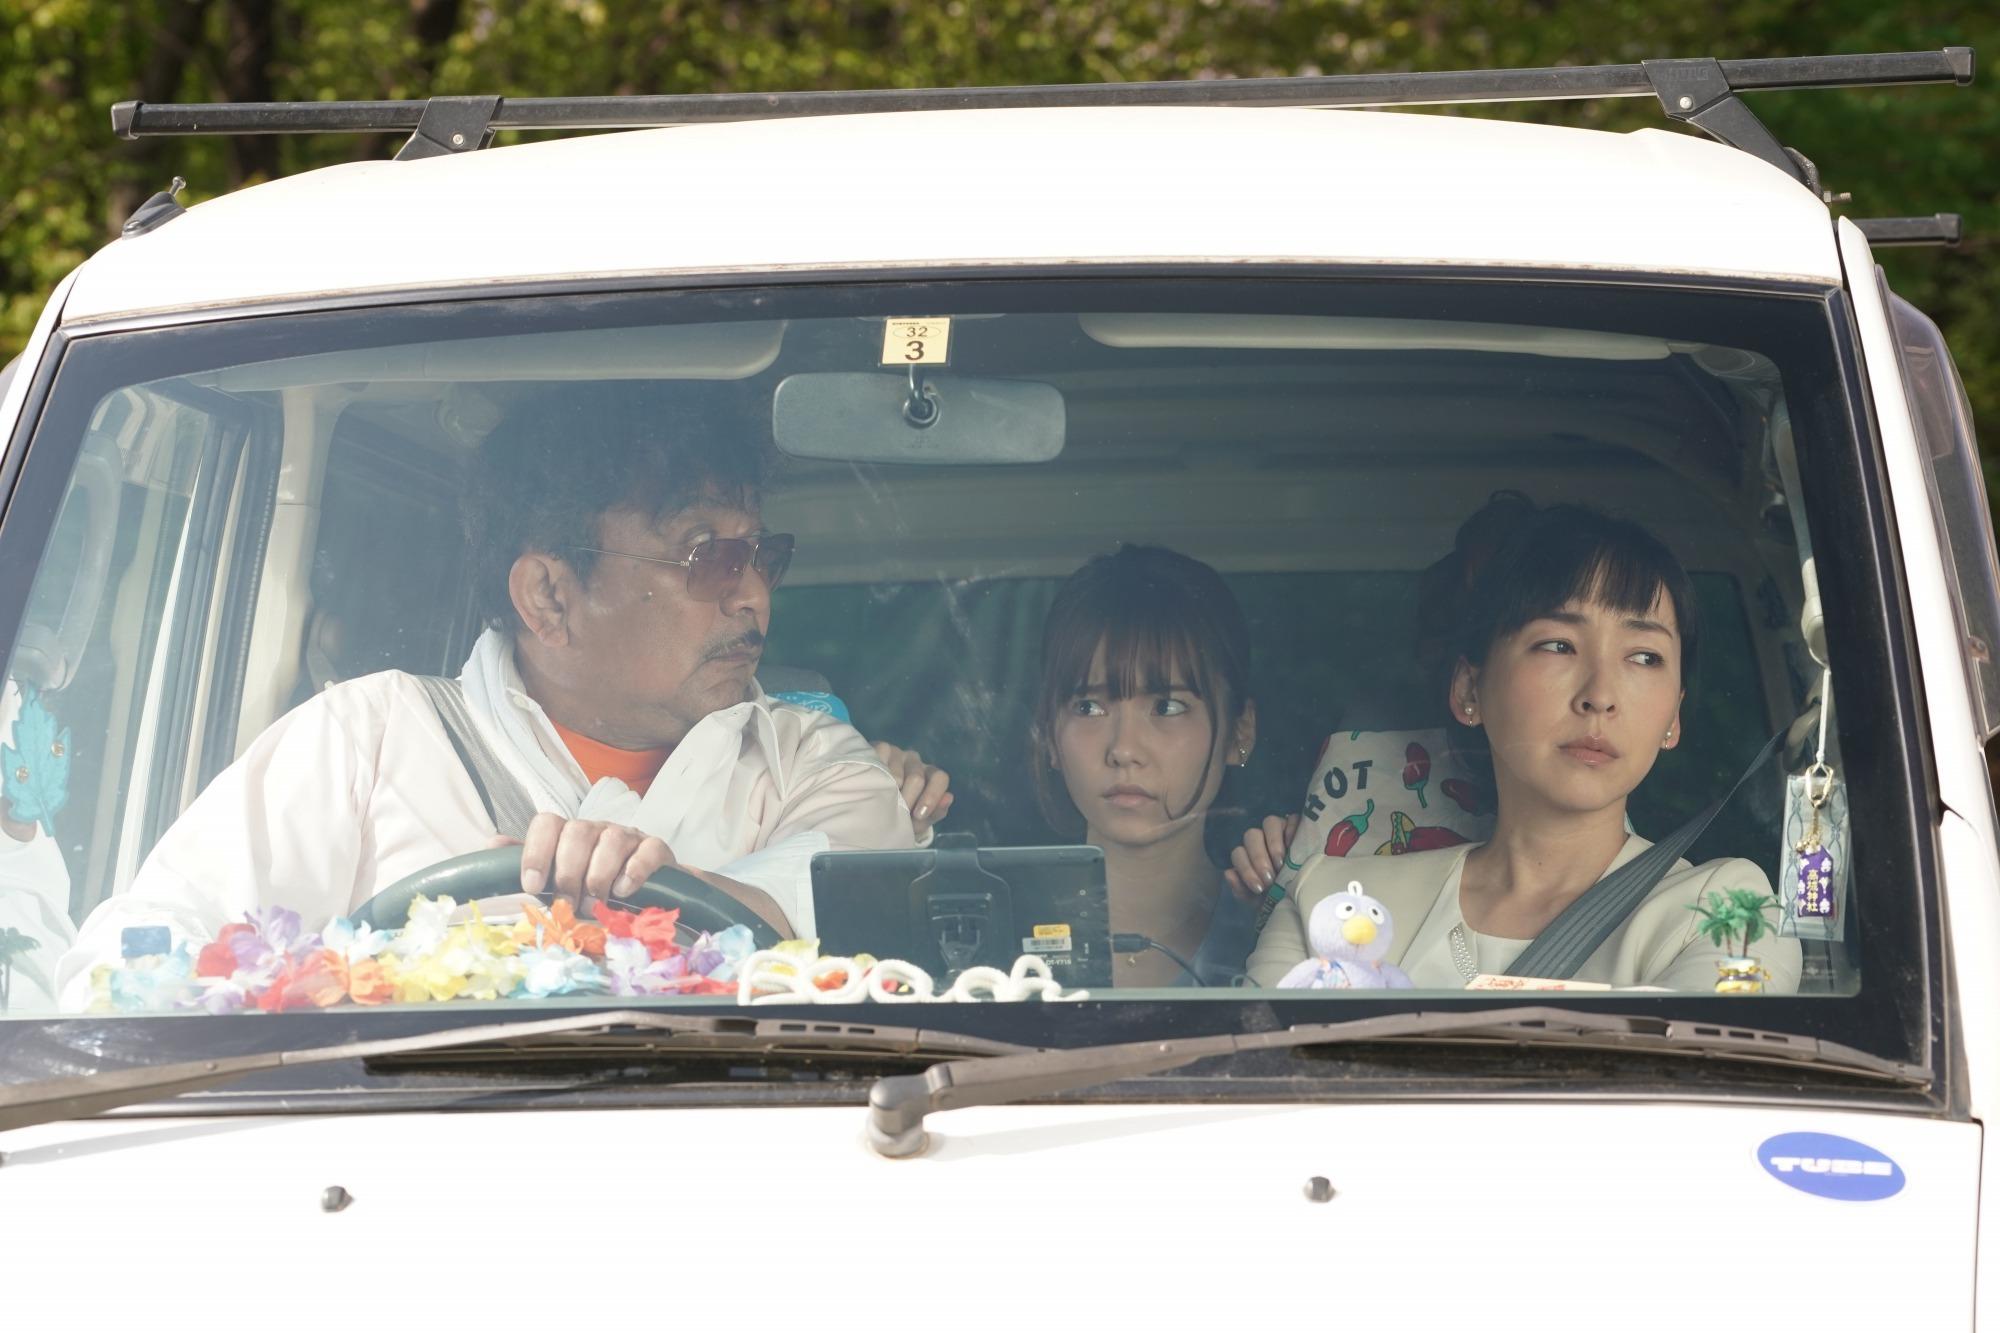 片中有現實中嘅一家人正要去東京參加訂婚儀式,開車時聽電台講有關埼玉嘅傳聞。